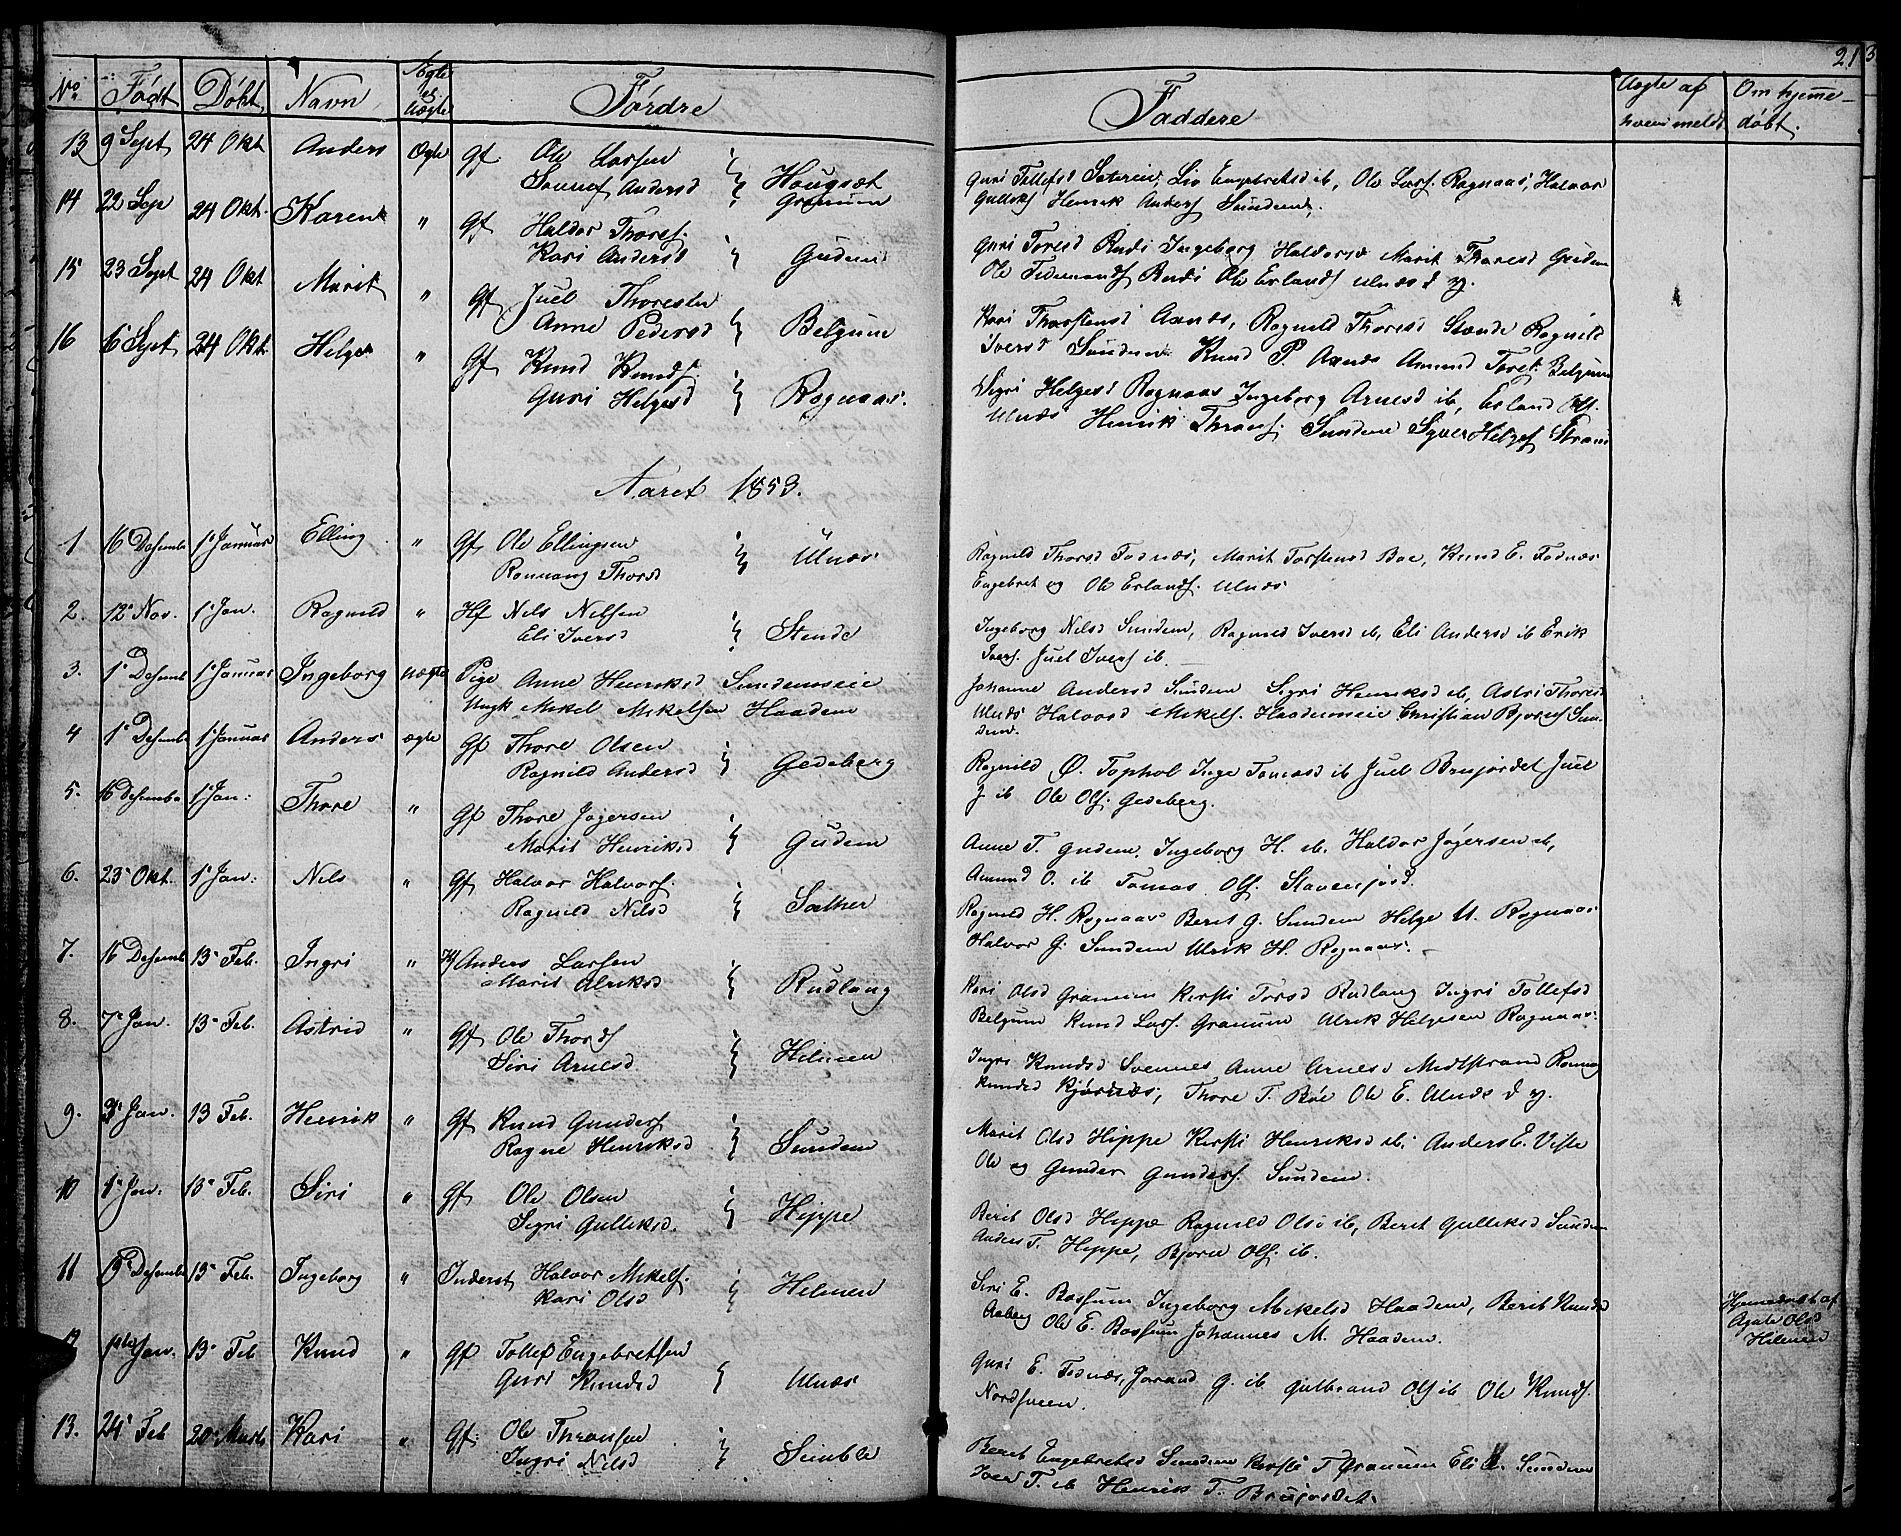 SAH, Nord-Aurdal prestekontor, Klokkerbok nr. 4, 1842-1882, s. 21